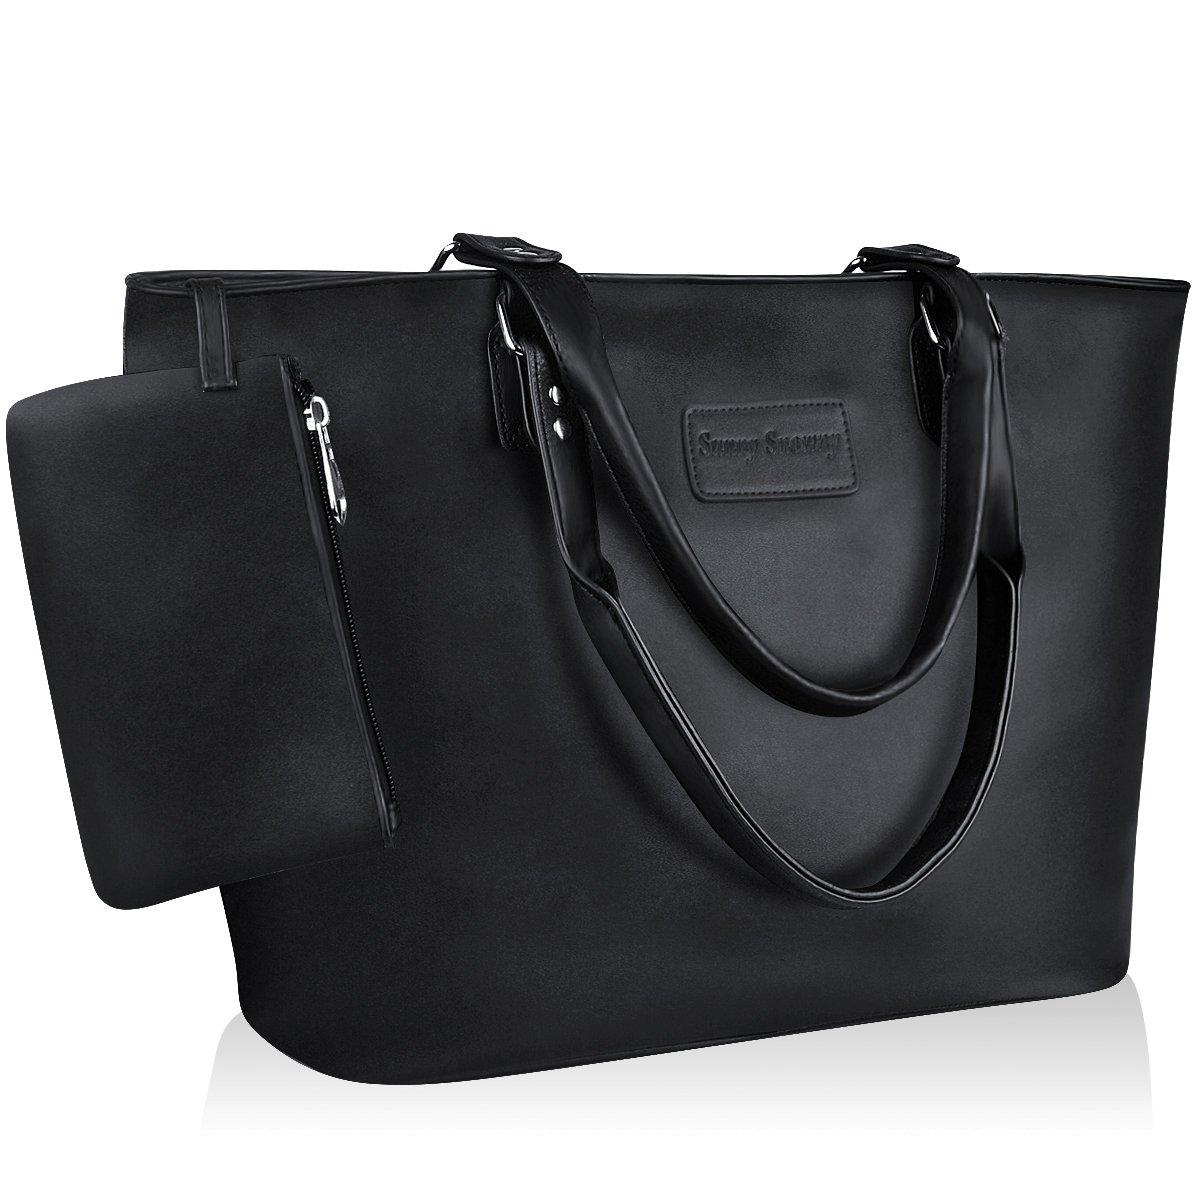 Tote Handbags for Women,Vintage Satchel Handbags,Sunny Snowy Purse Tote Bag(8019,black)